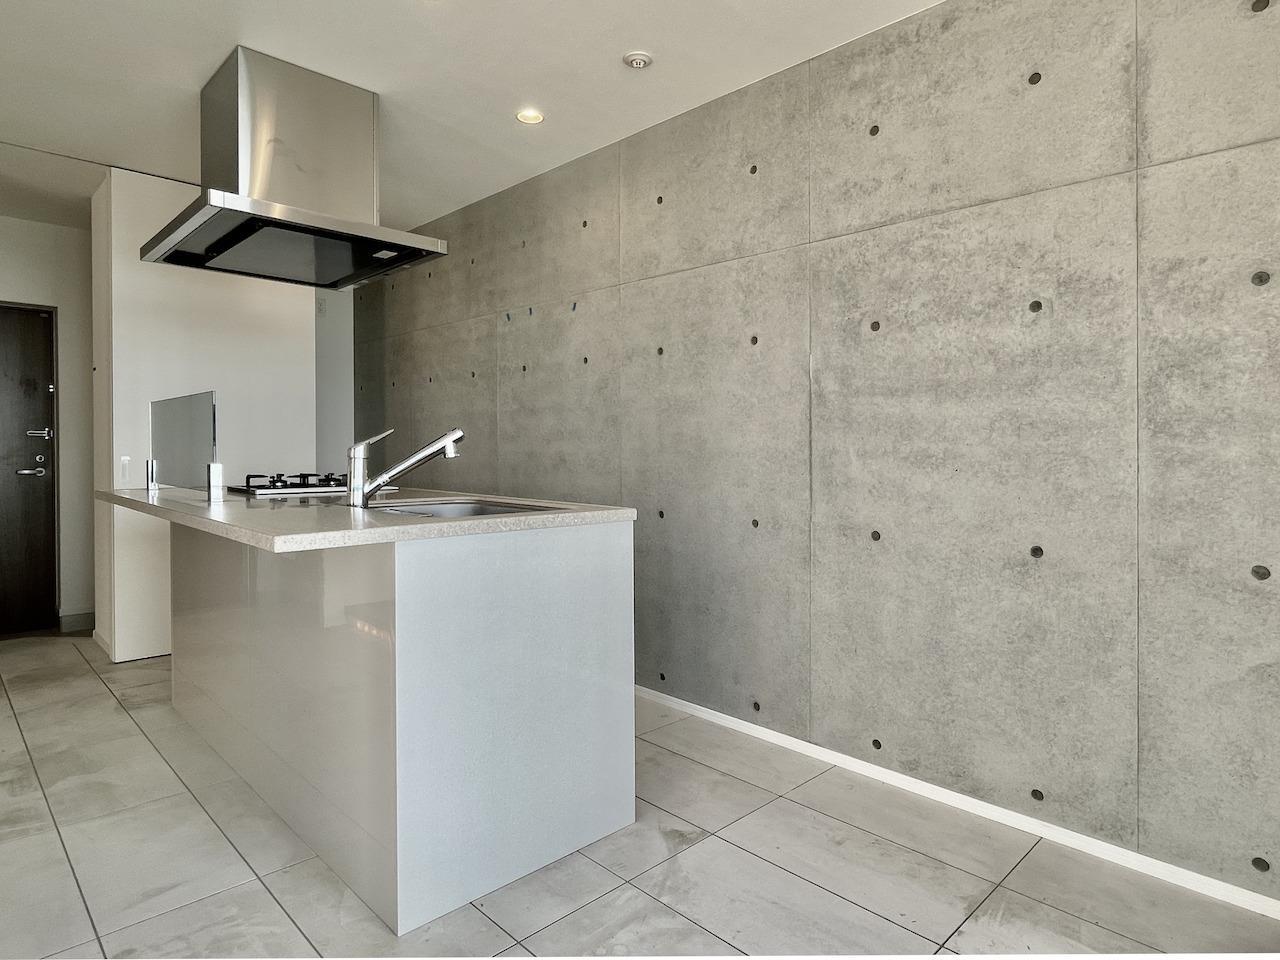 床は白のタイルと壁はコンクリート。